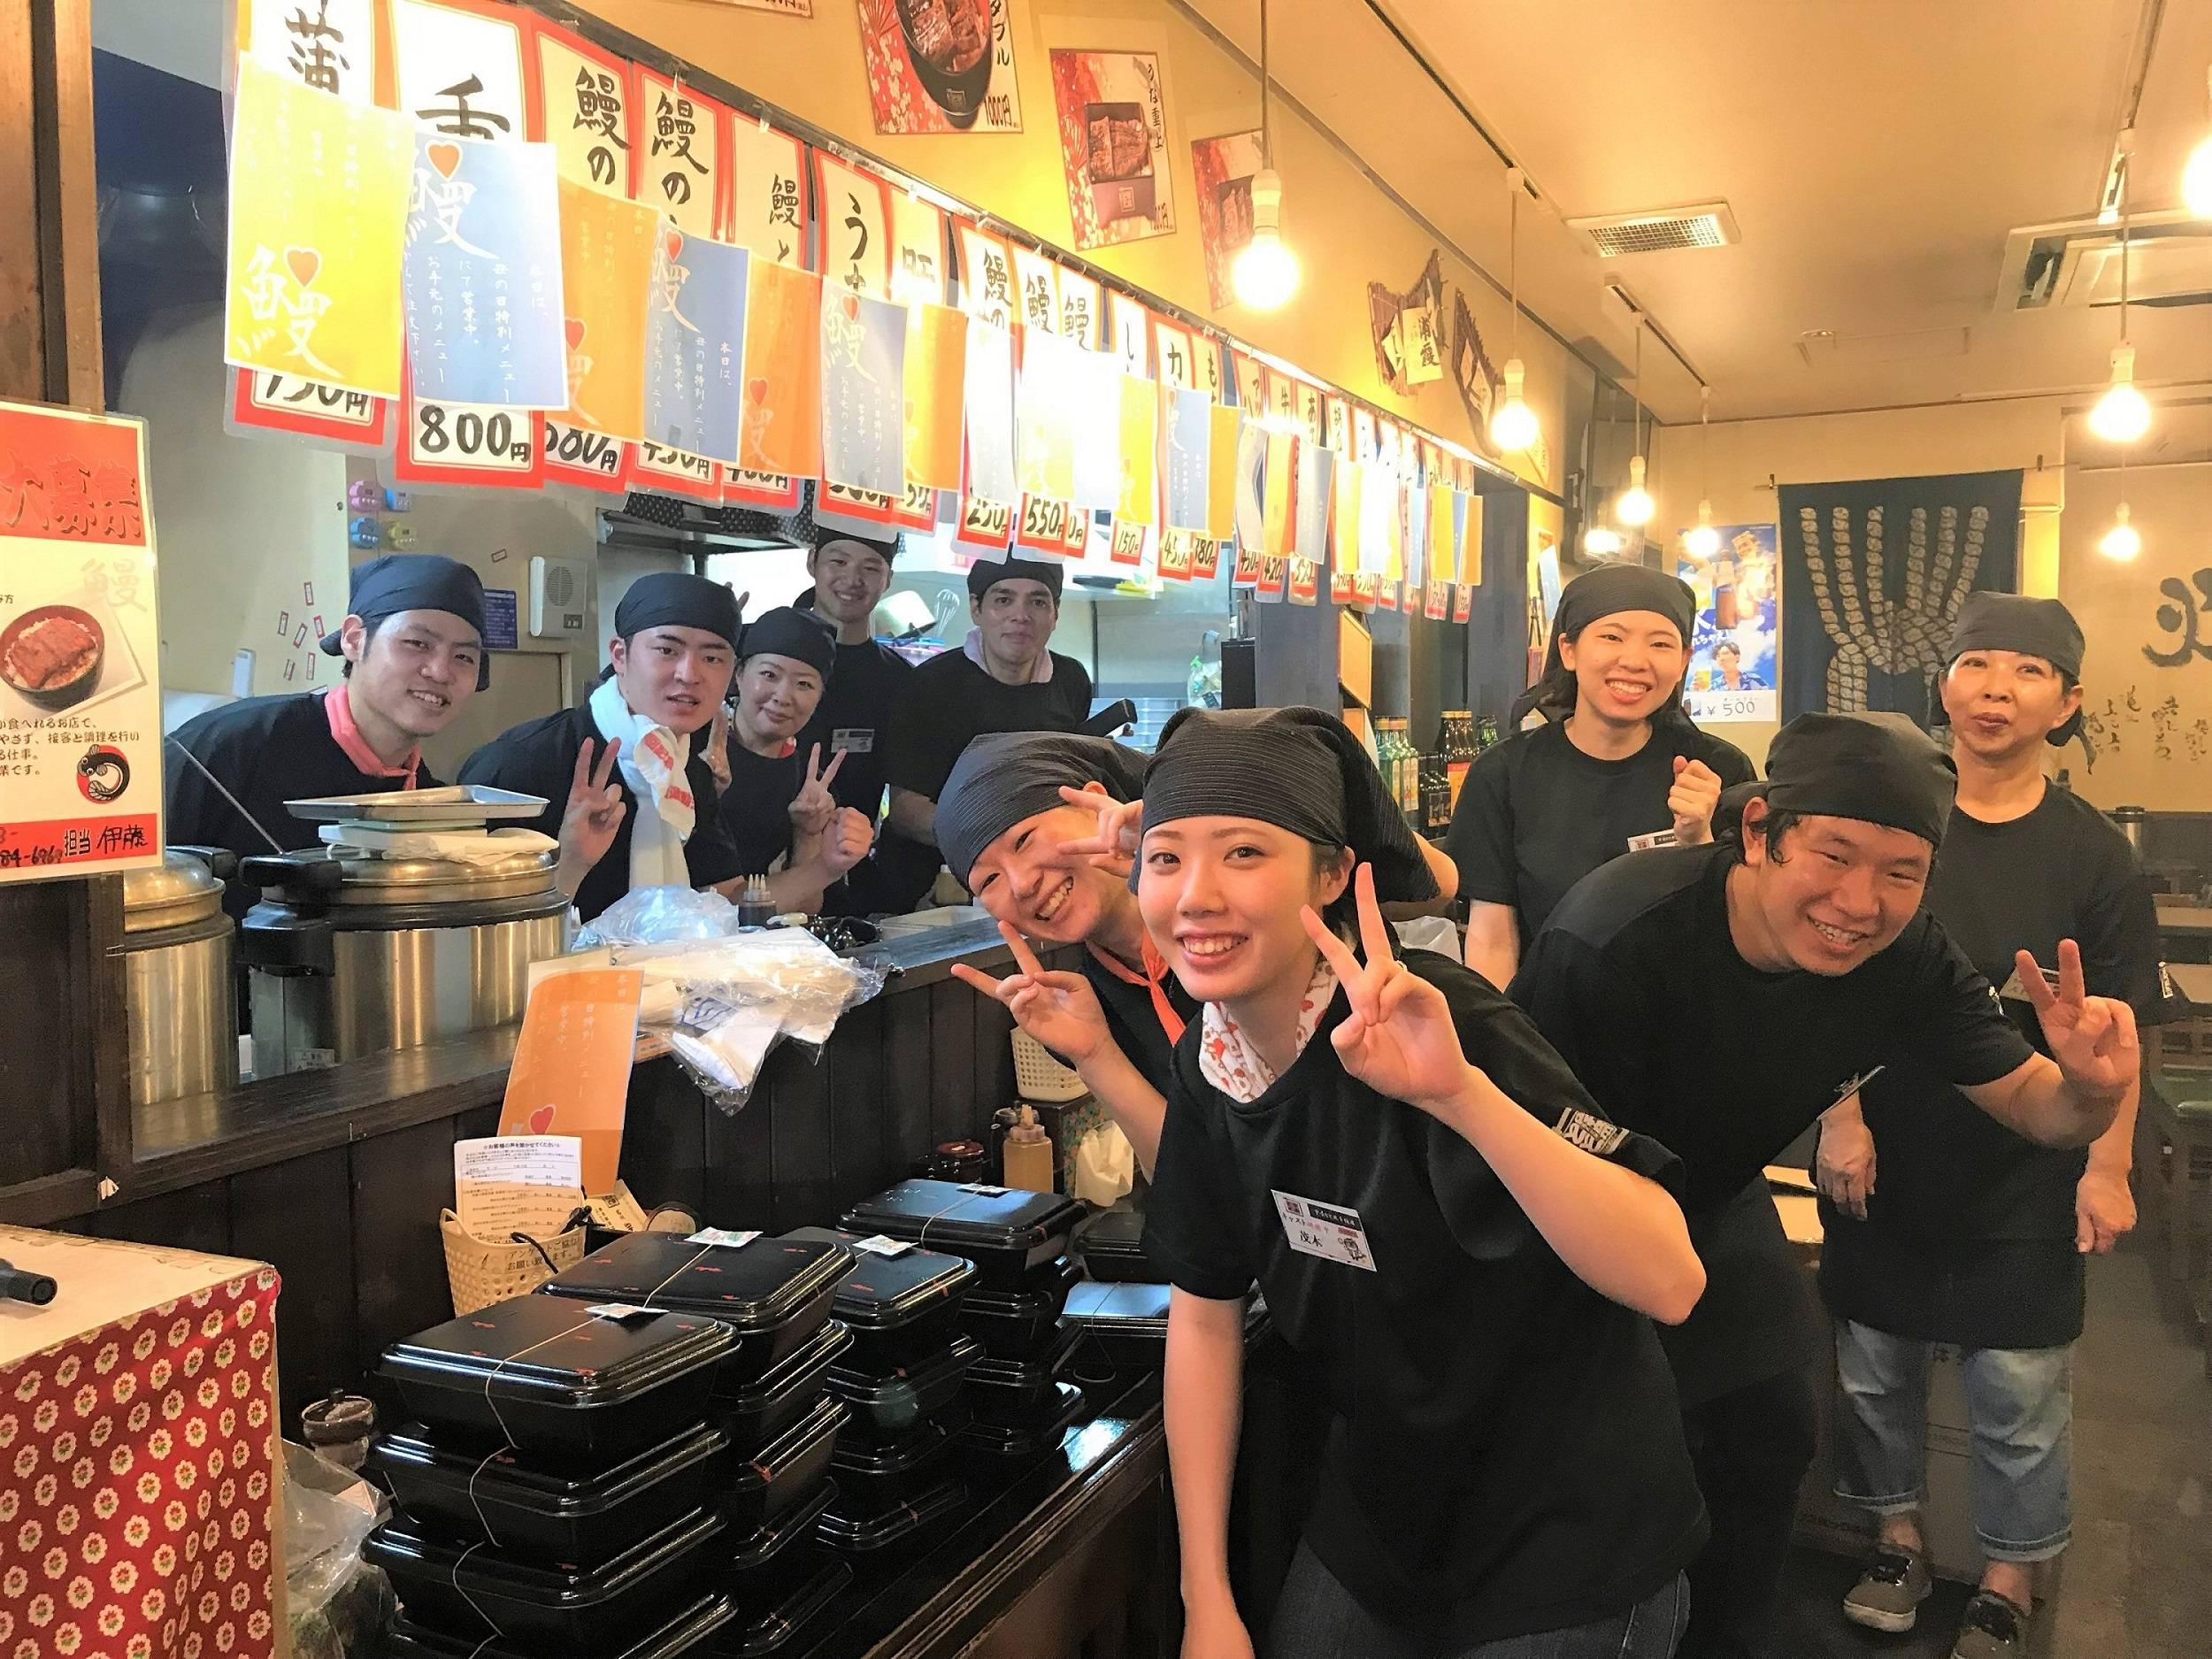 宇奈とと 大阪九条店